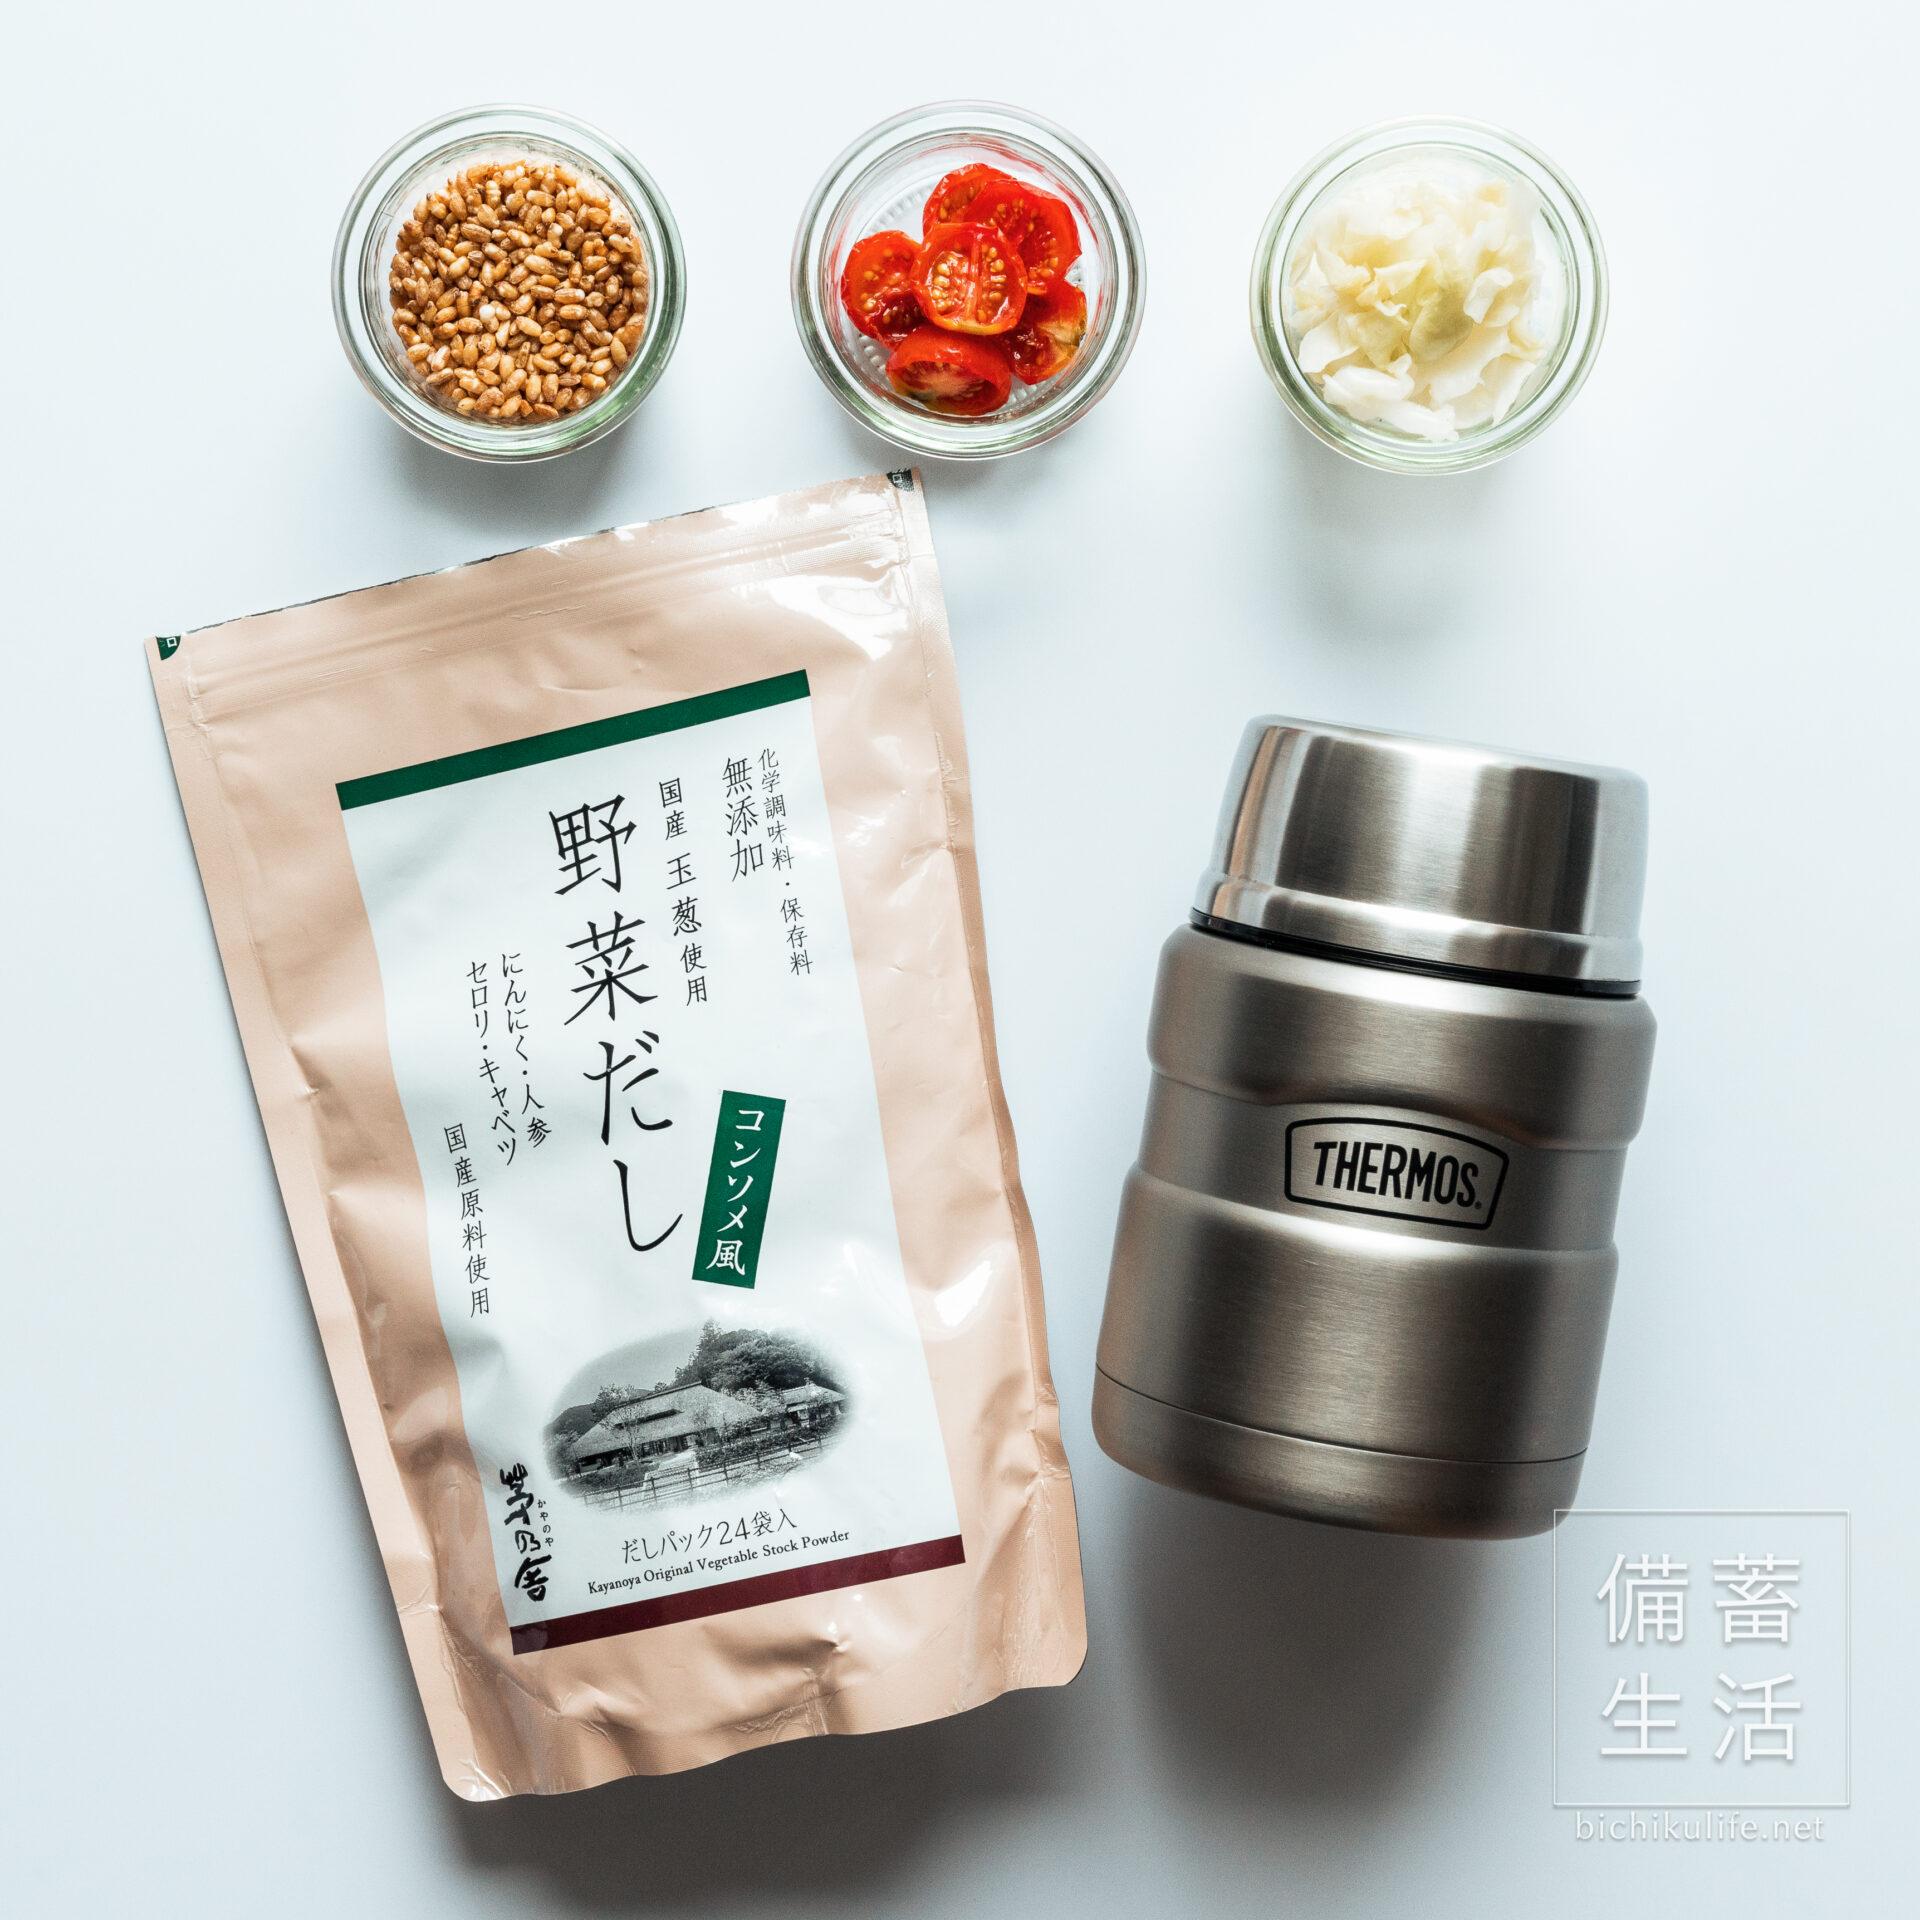 【ドライトマトと野菜コンソメ】炒り玄米スープごはんの作り方・レシピ、材料